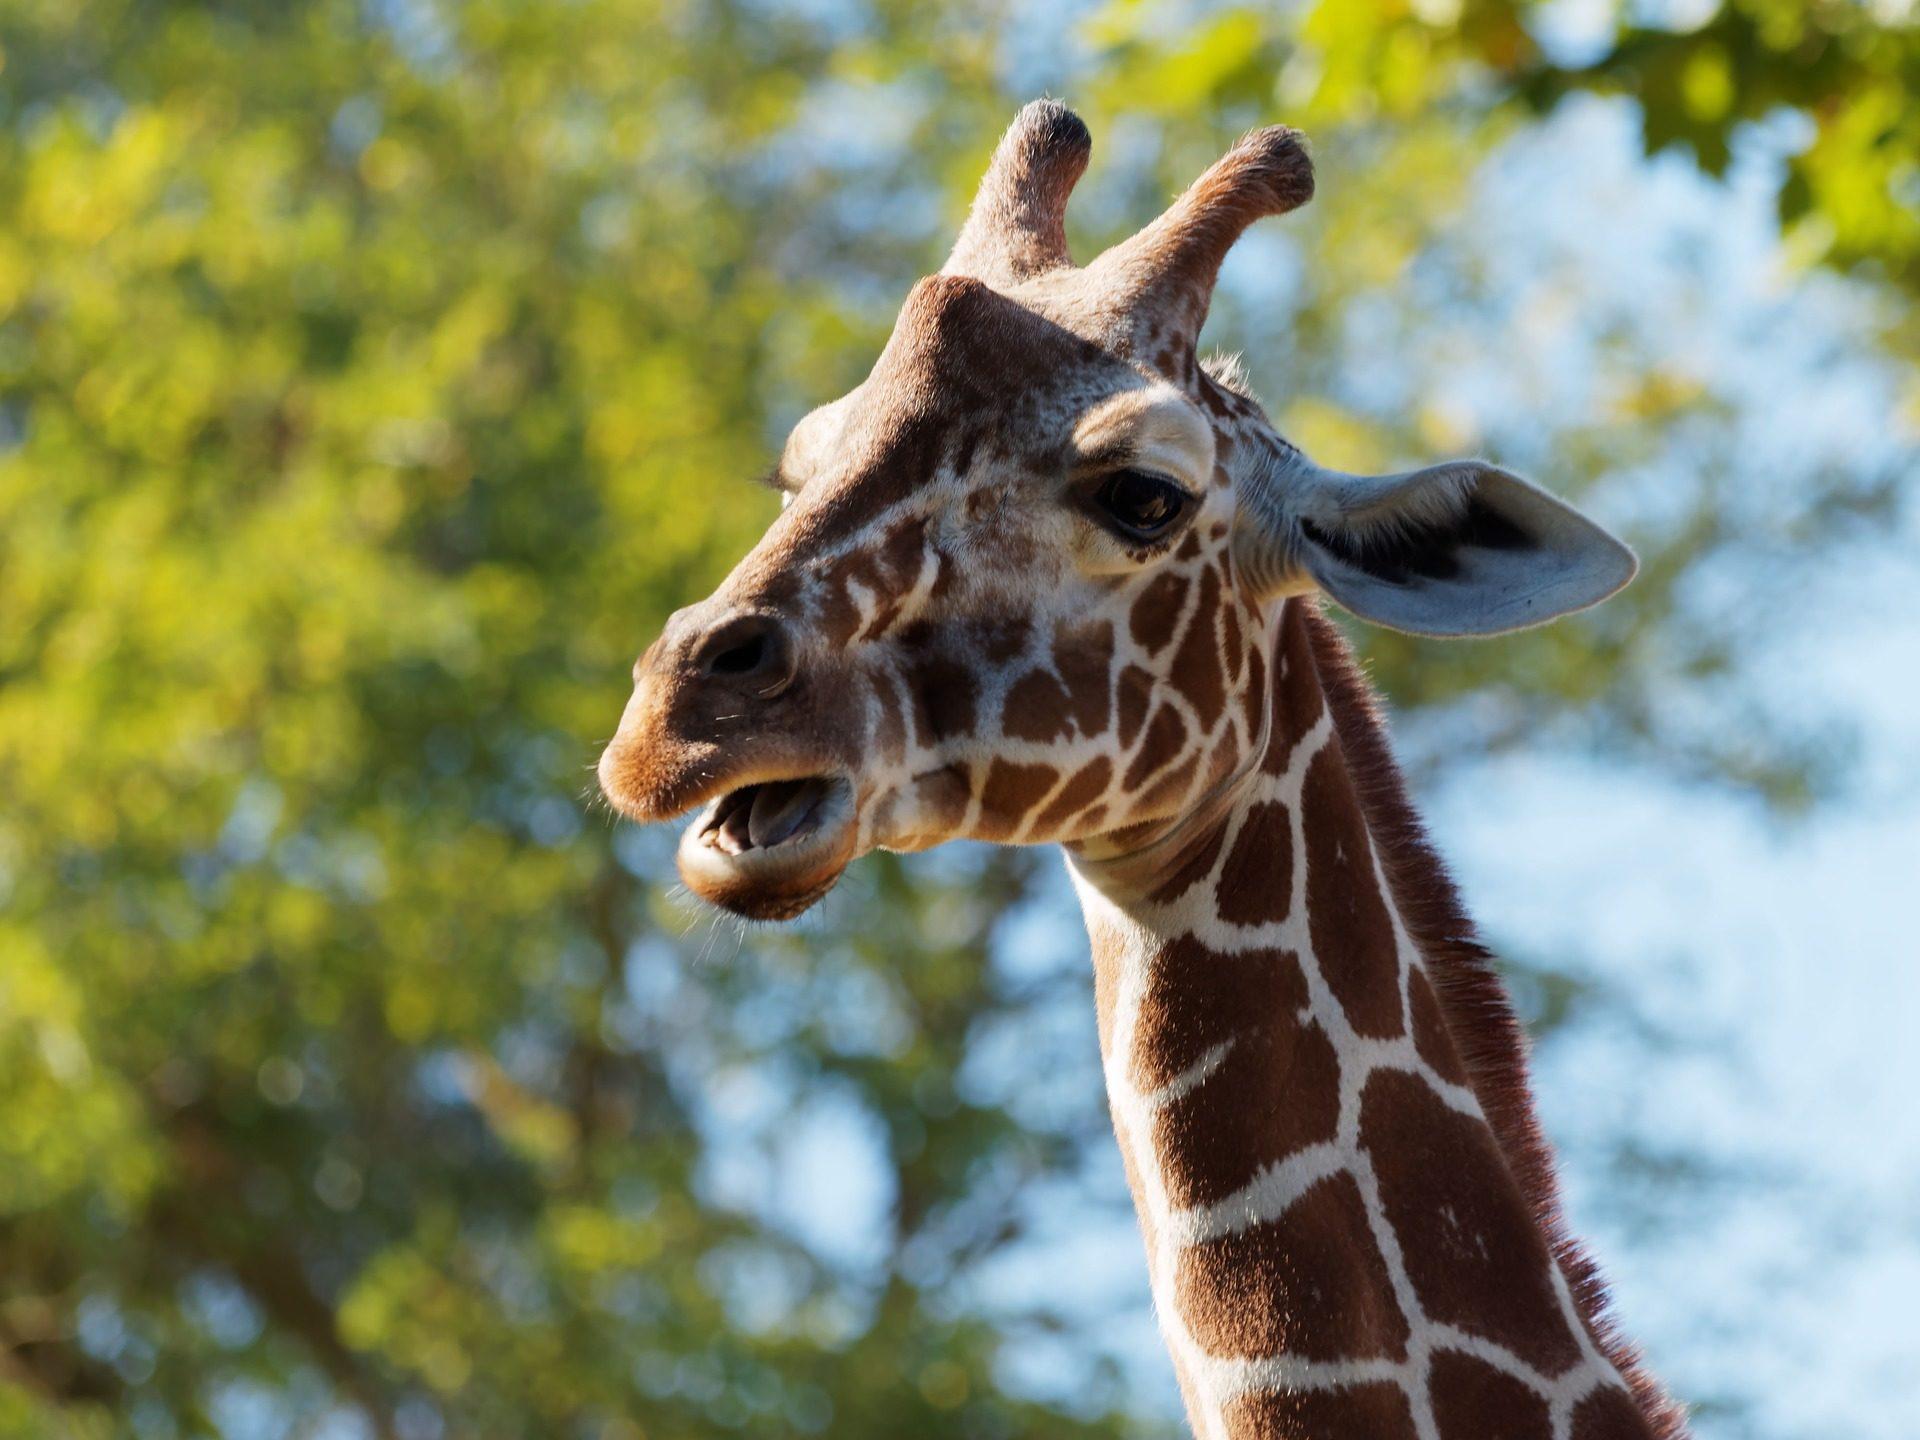 Girafa, Safari, L'Afrique, mammifère, cors - Fonds d'écran HD - Professor-falken.com